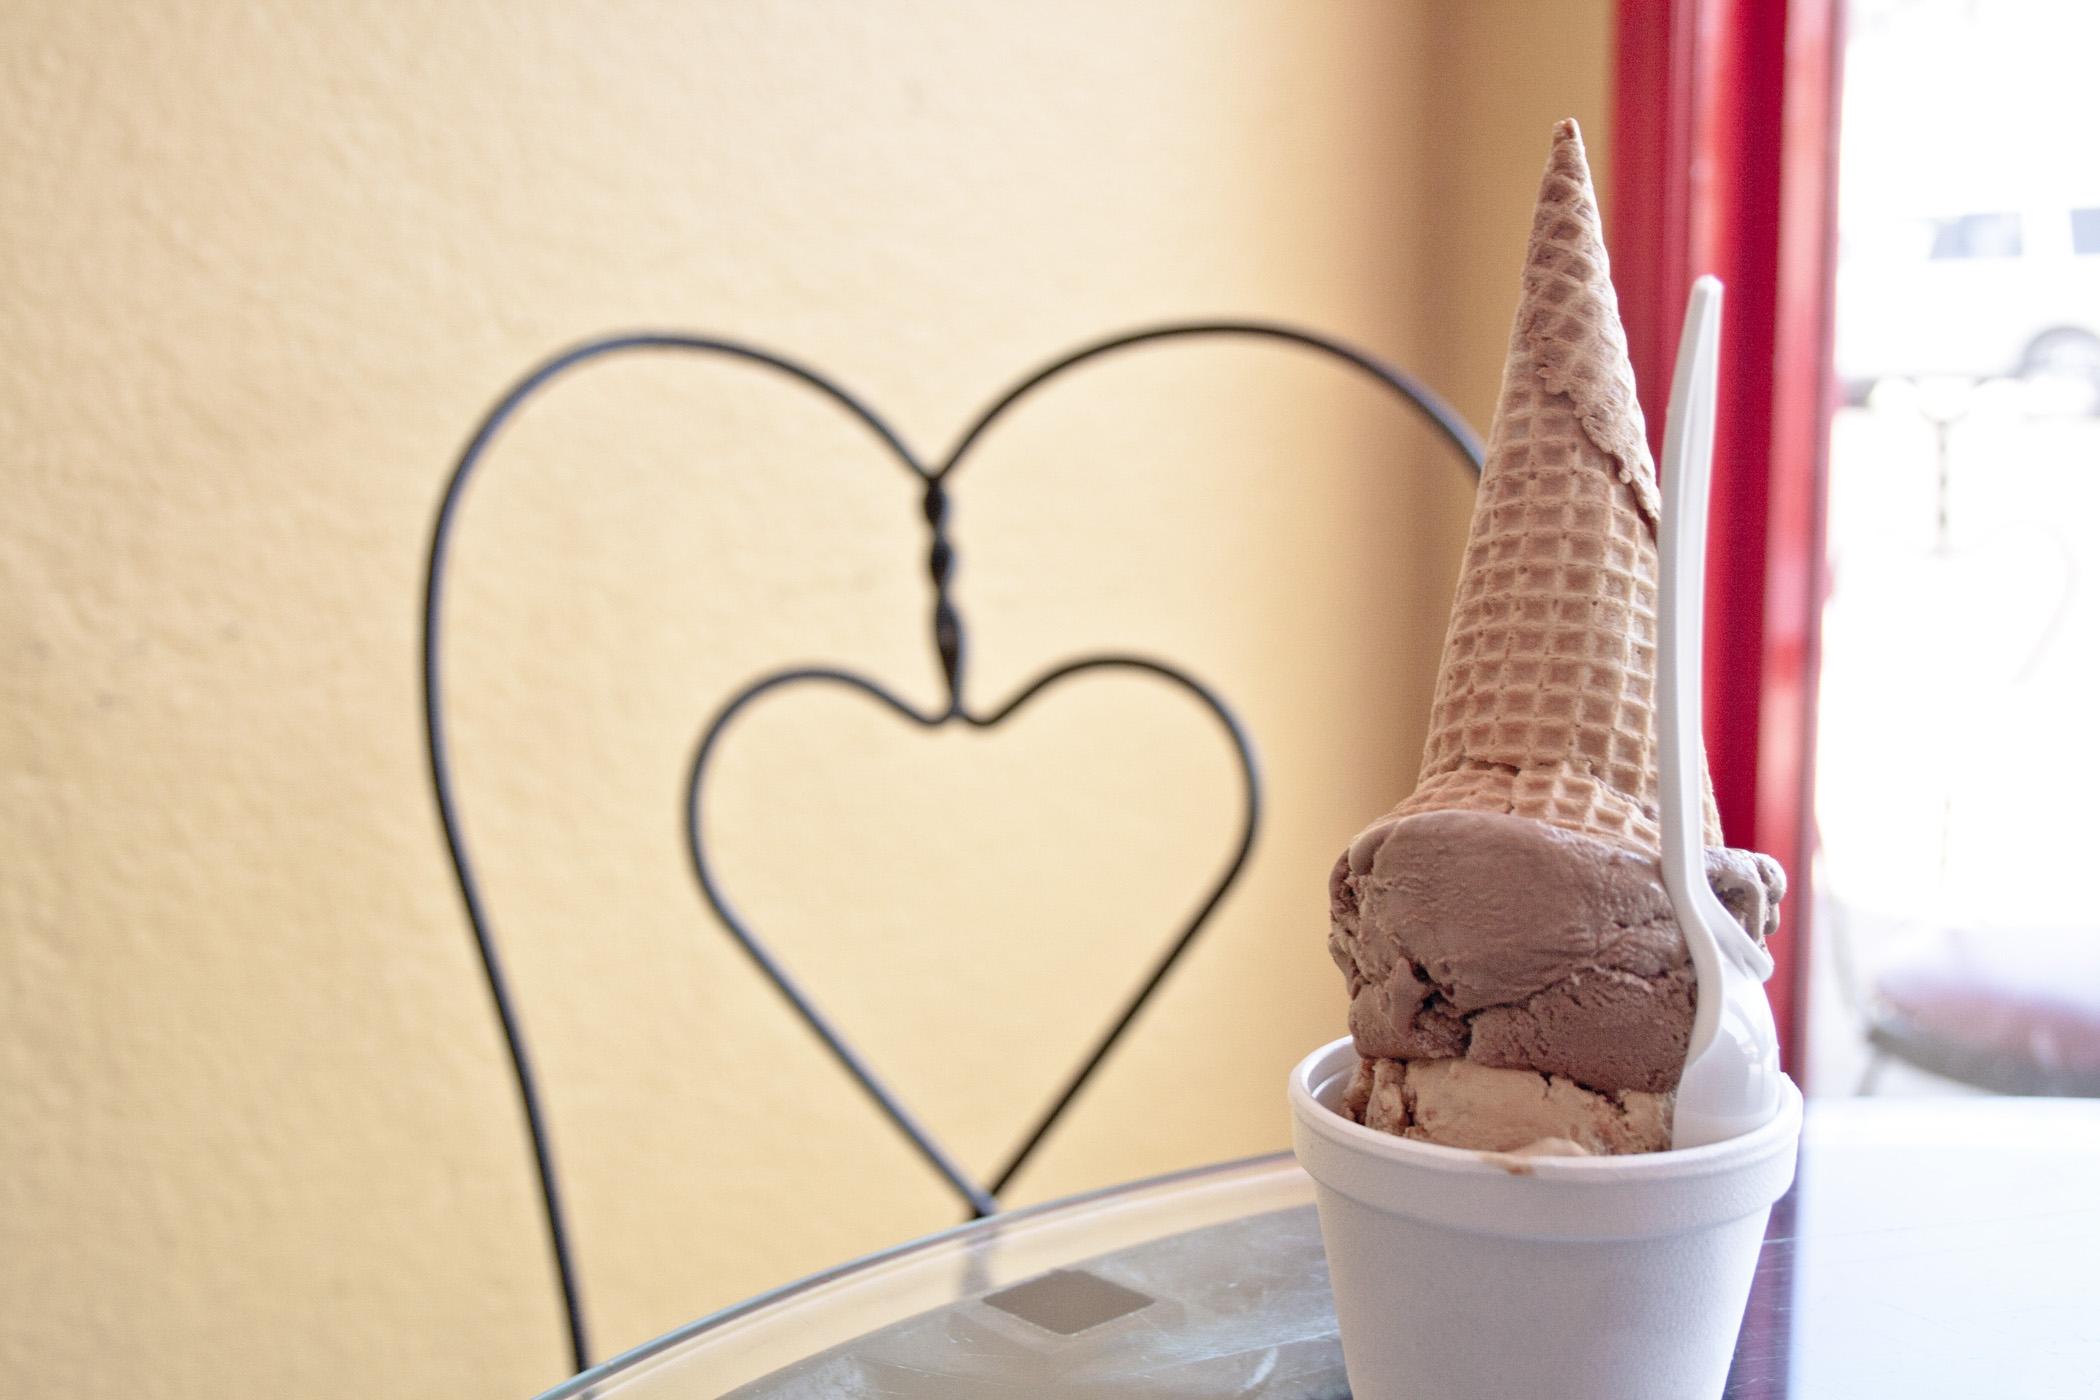 Niederfranks Ice Cream